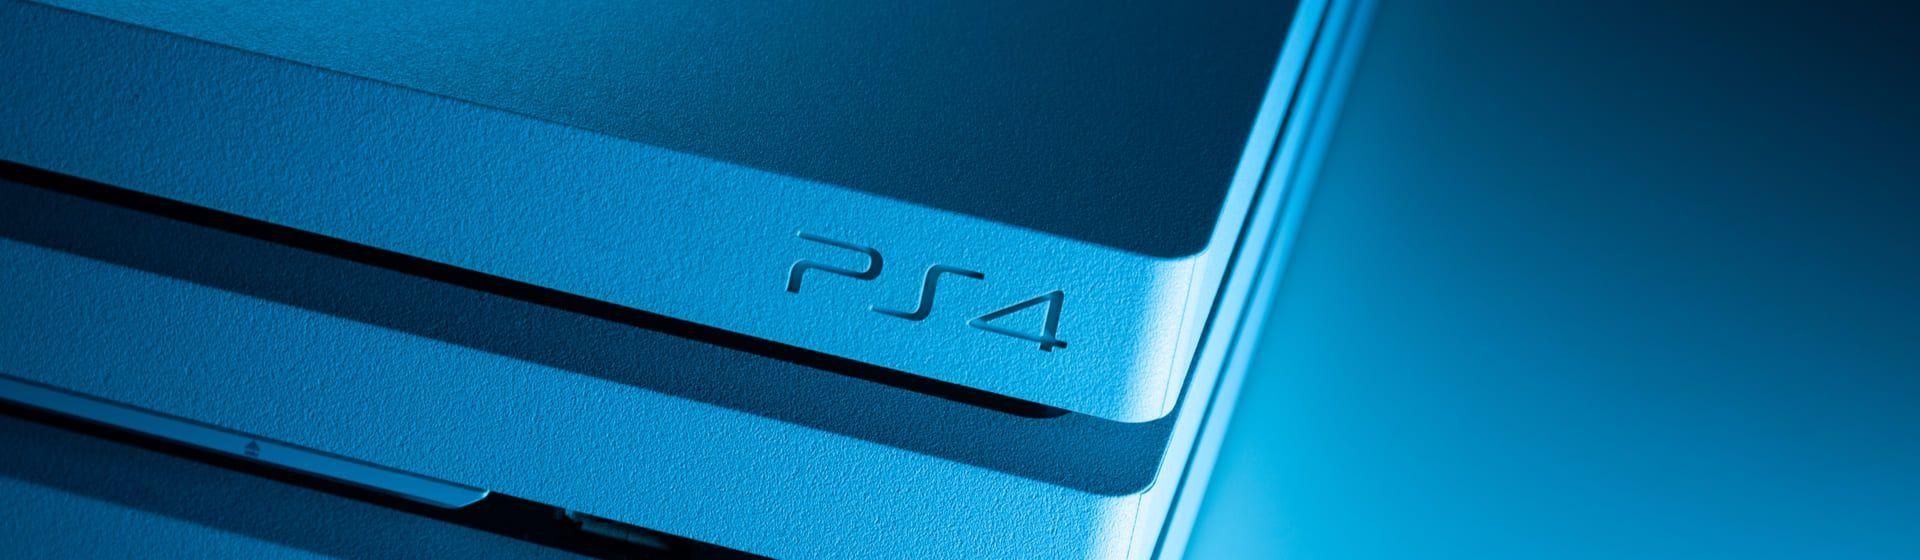 PS4 Pro vs PS4 Slim: qual console comprar?